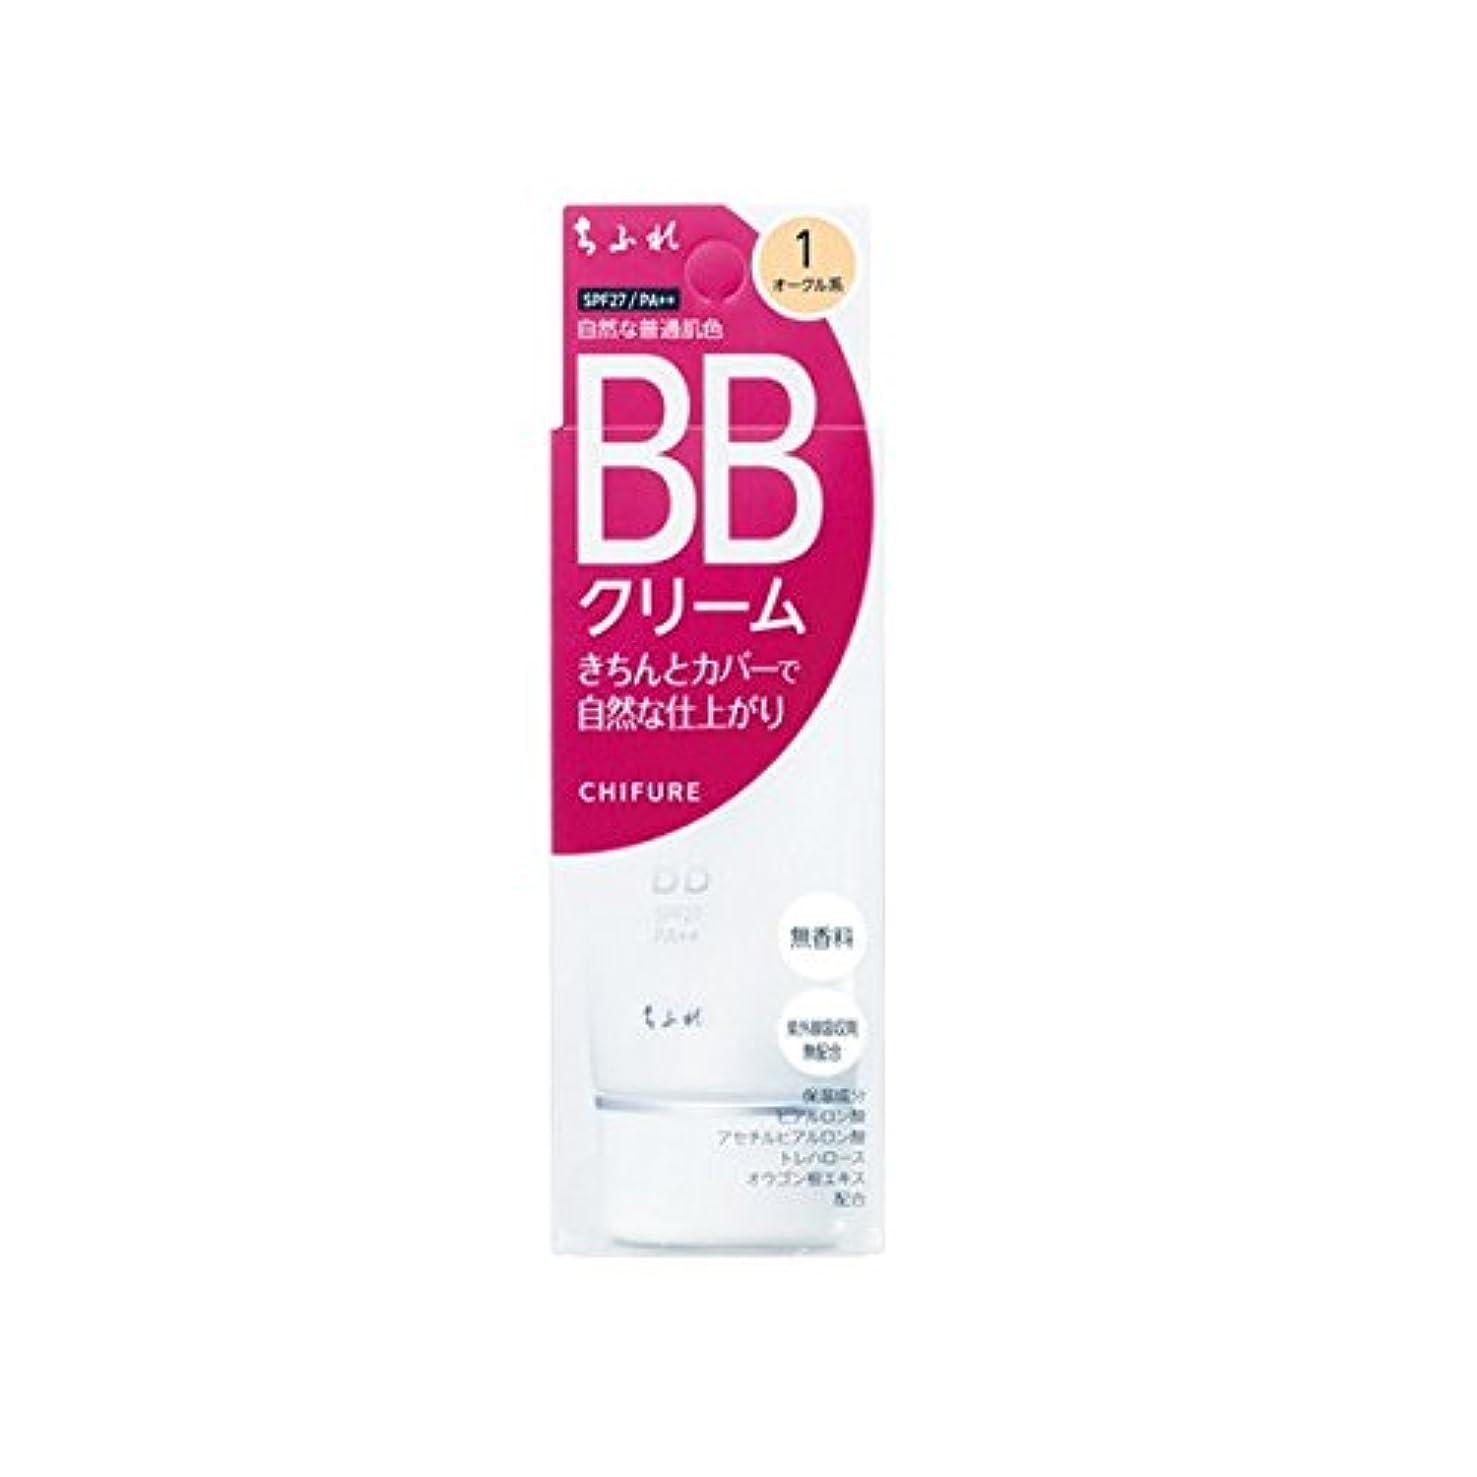 ばかげている重要性種類ちふれ化粧品 BB クリーム 1 自然な普通肌色 BBクリーム 1